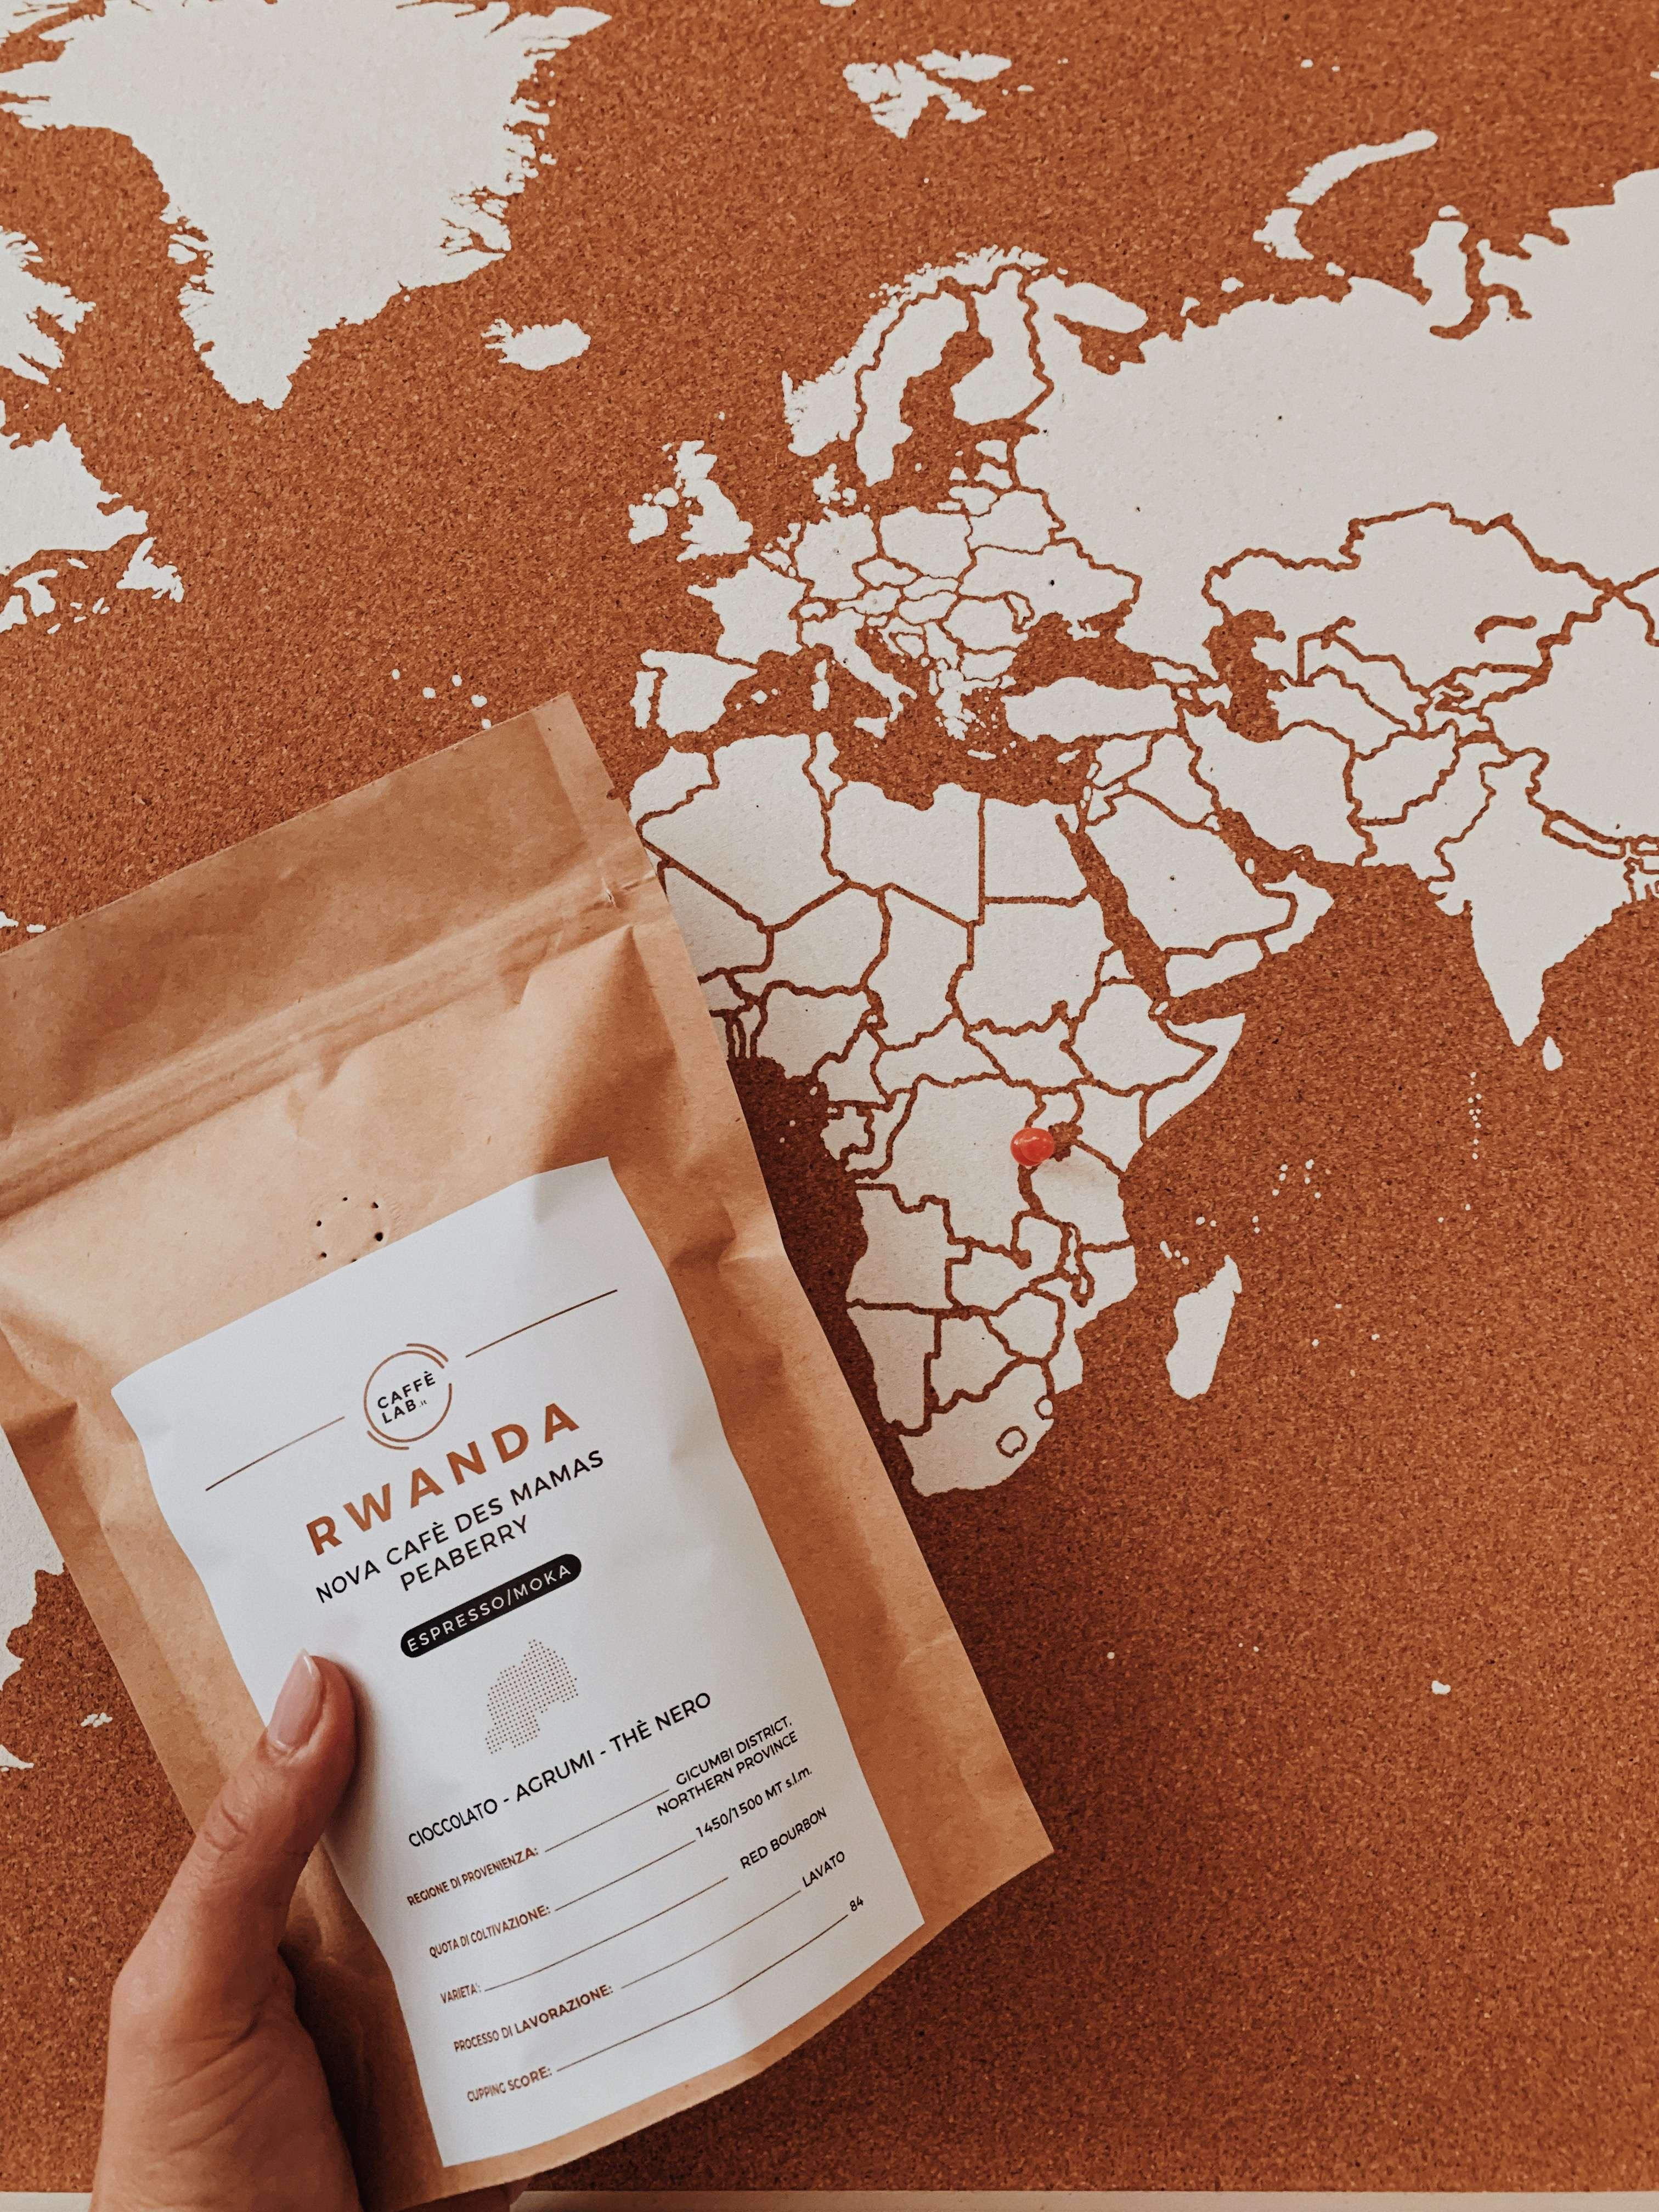 La perla del Rwanda coltivata dalle donne: Nova Cafè Des Mamas